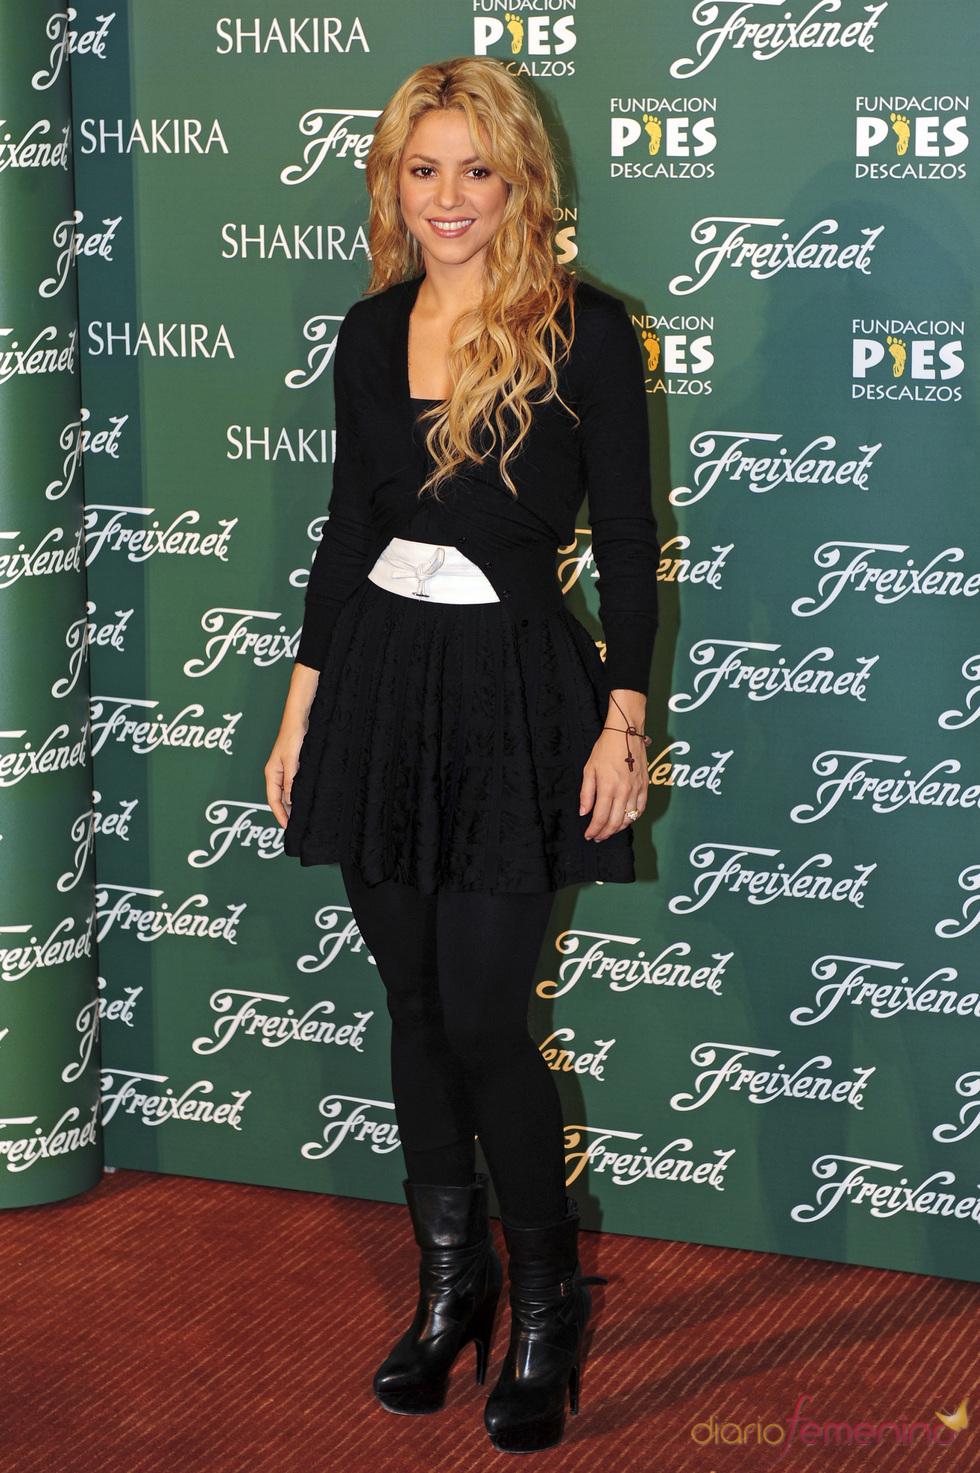 Shakira en la presentación de Freixenet